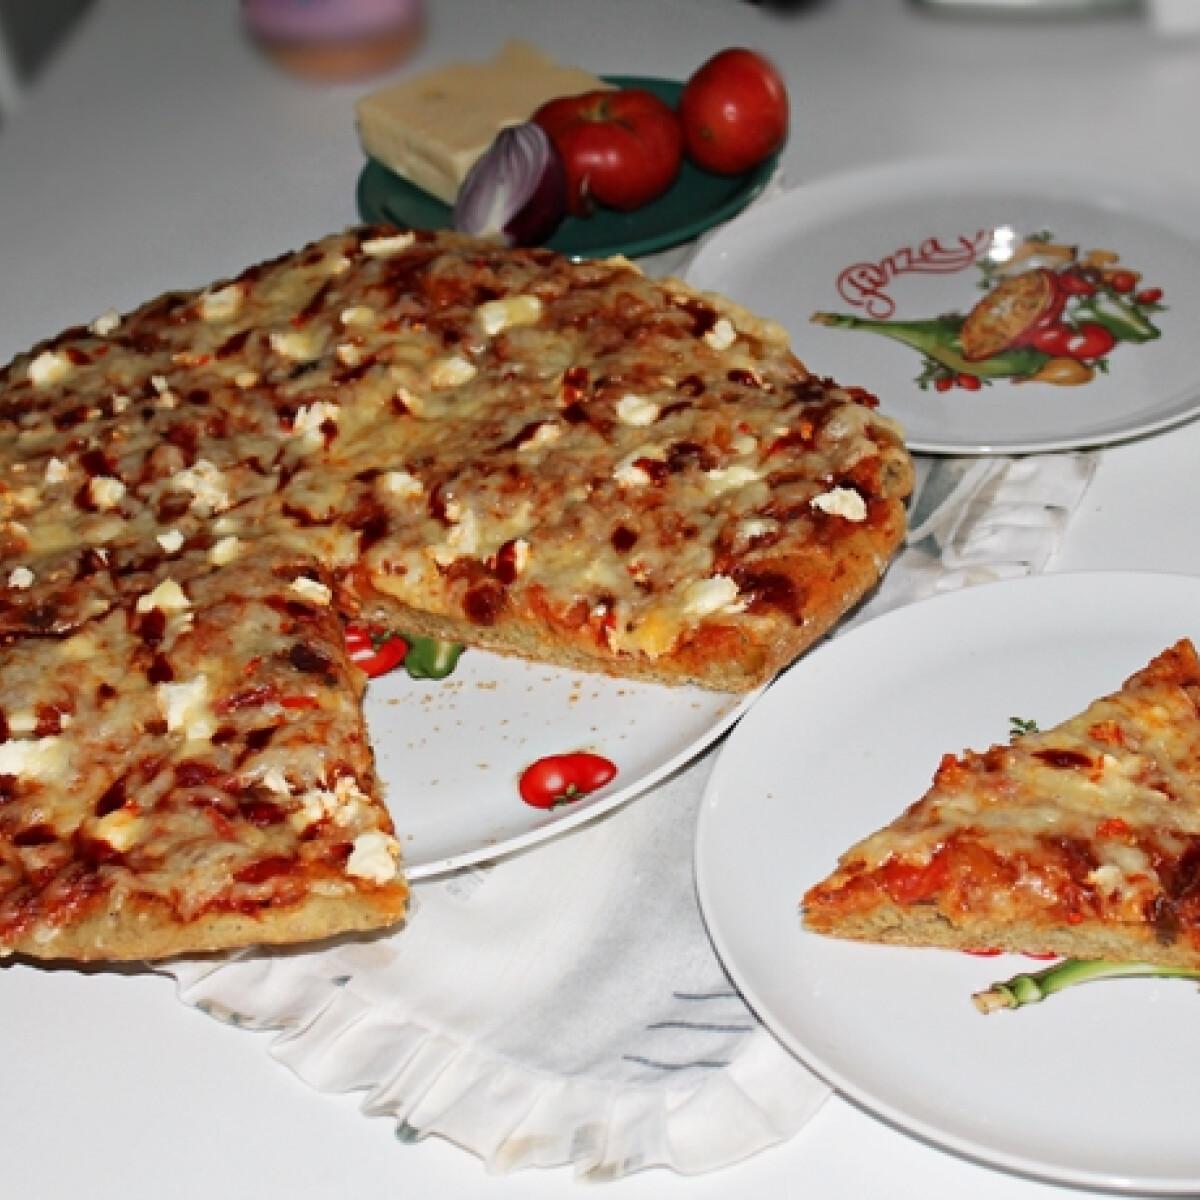 Teljes kiőrlésű pizza sok finomsággal, házi pizzaszósszal